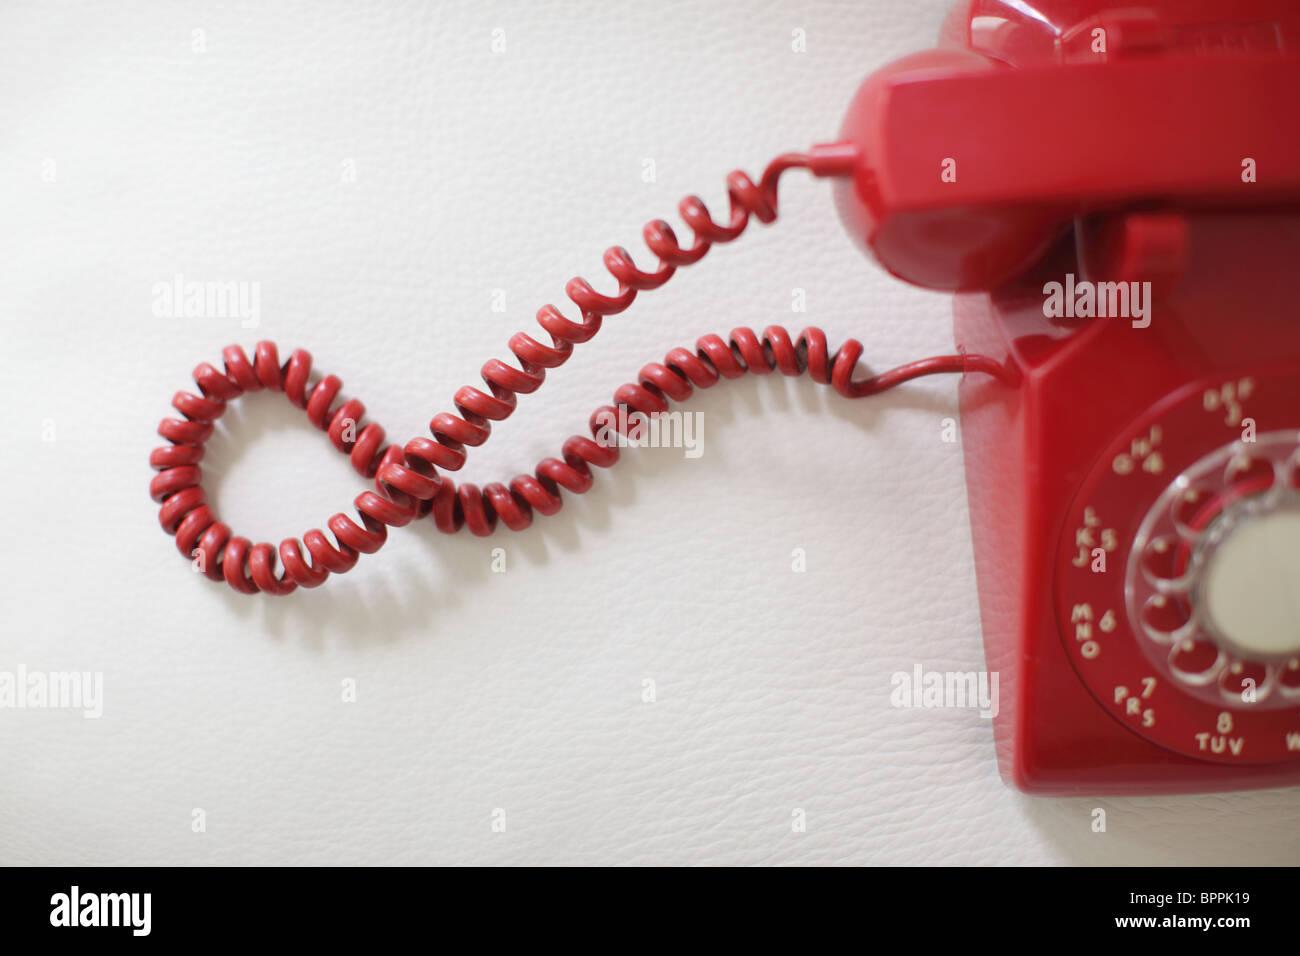 Telefone retro vermelho Imagens de Stock